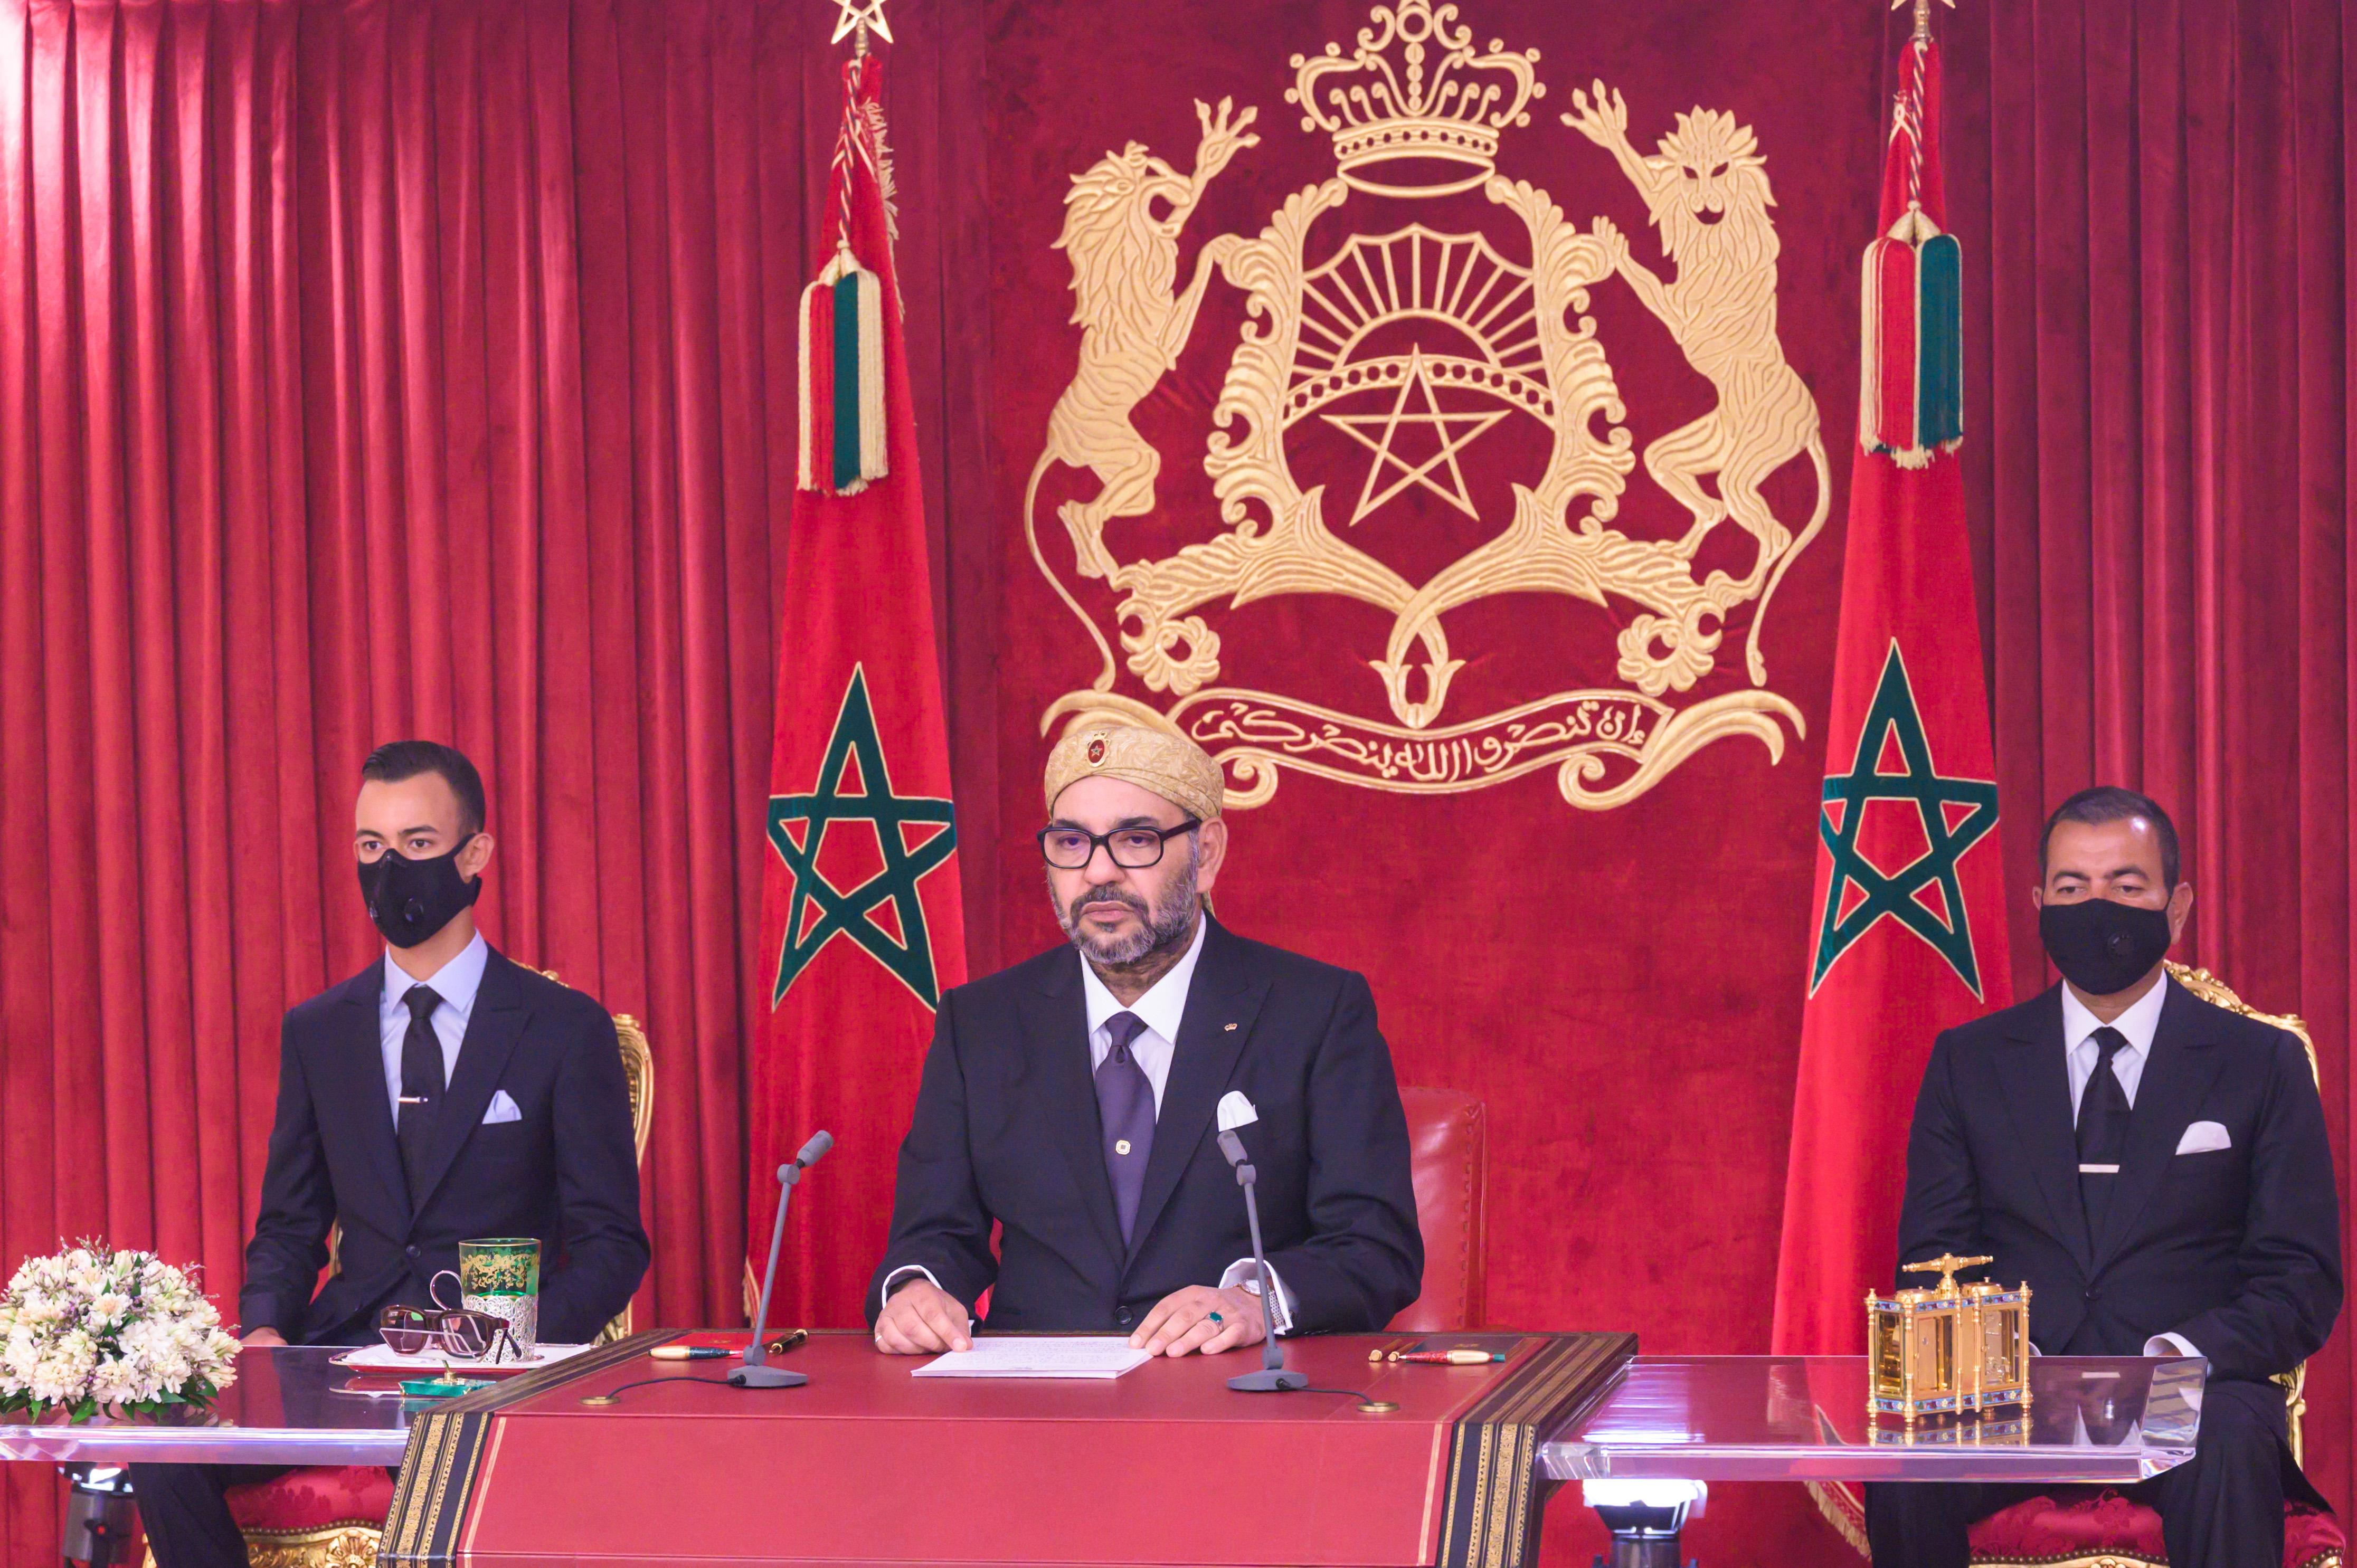 النص الكامل للخطاب الملكي السامي بمناسبة الذكرى الـ67 لثورة الملك والشعب